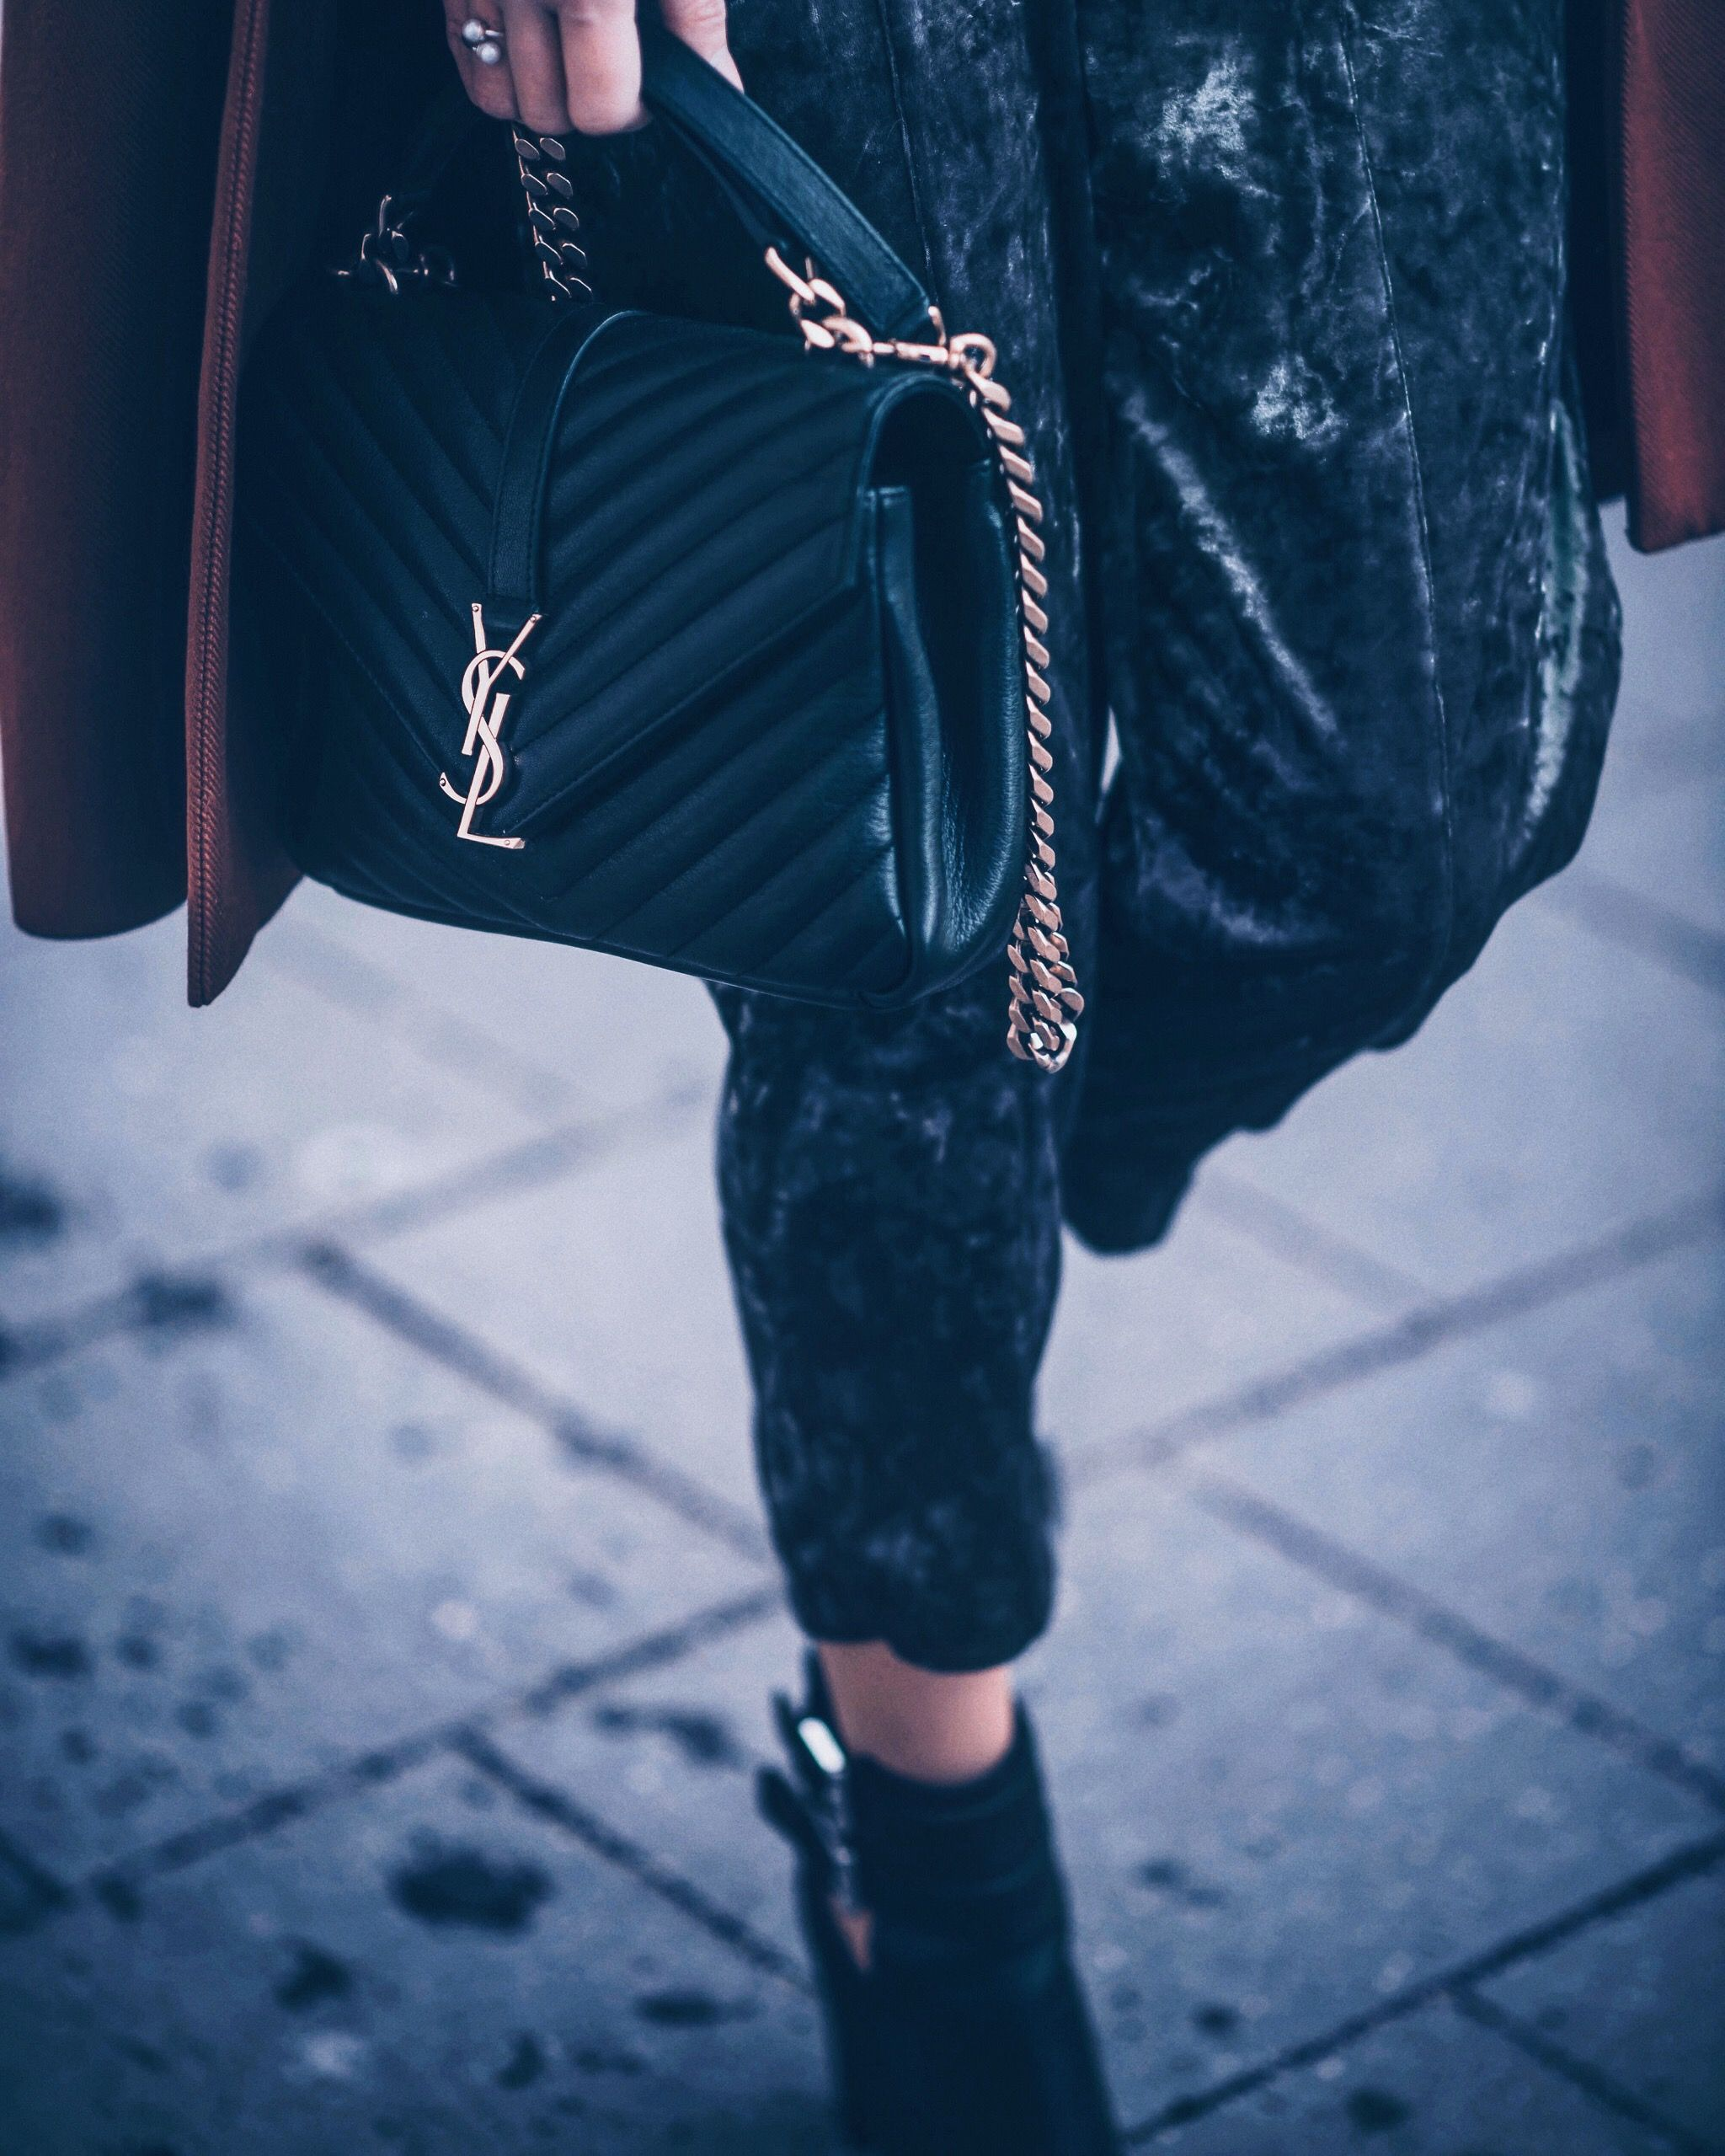 YSL Damen Schuhe Sandalen Berlin Online Shop Finden Sie YSL